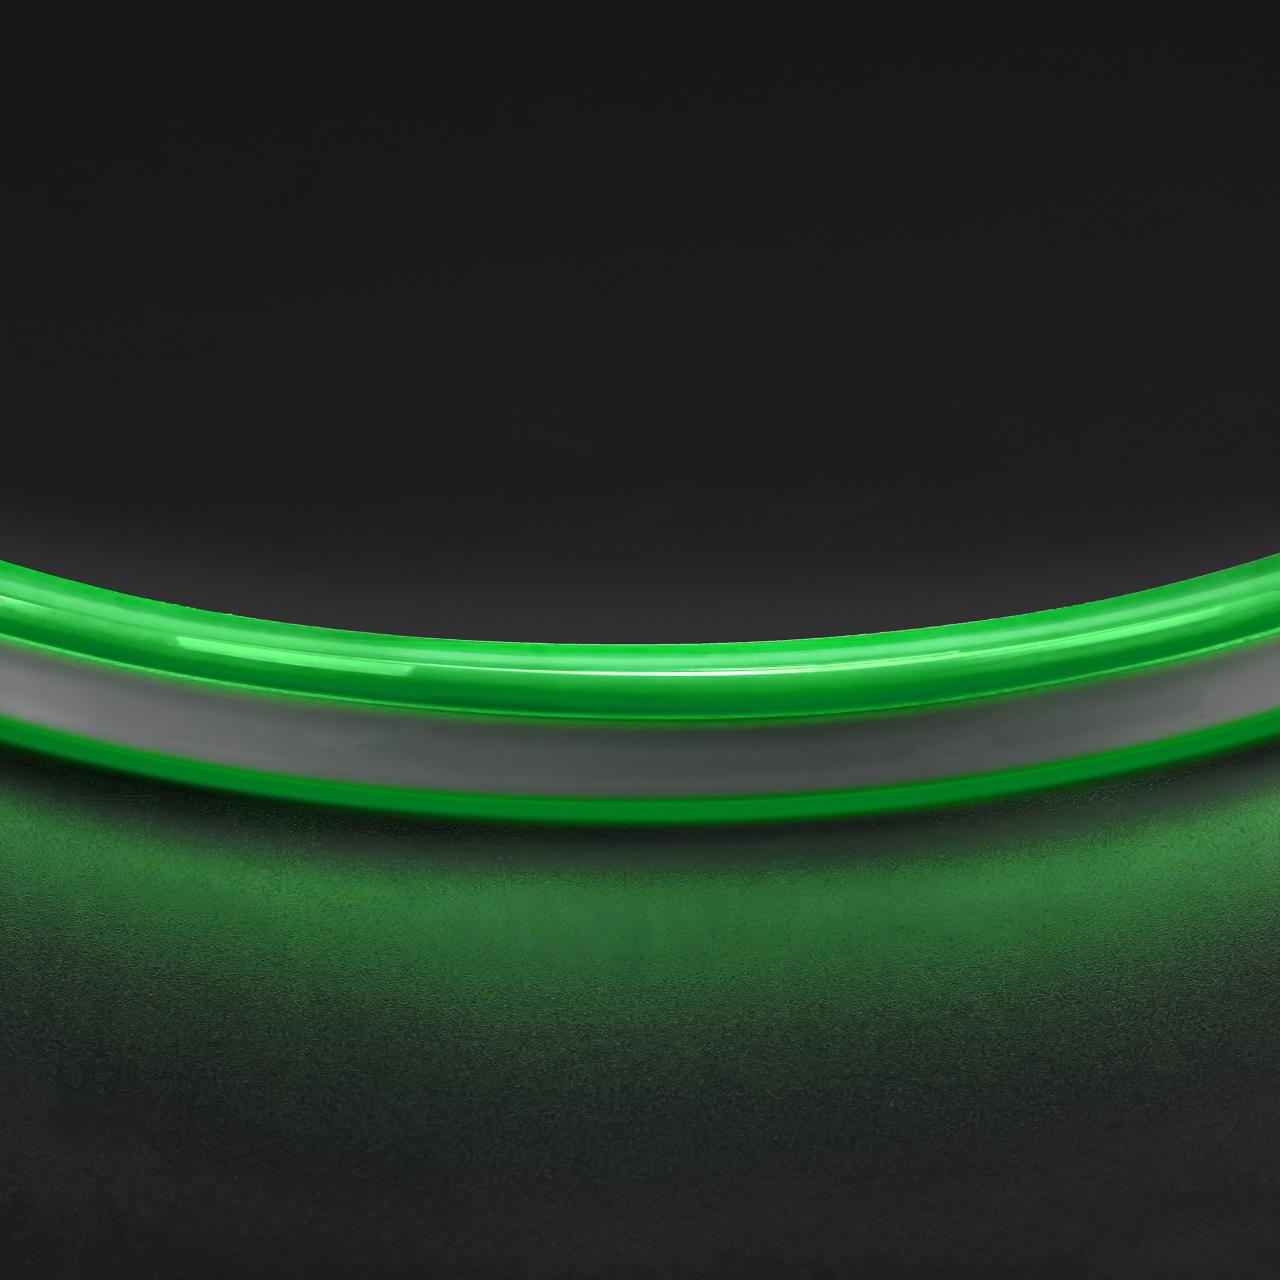 Лента гибкая неоновая NEOLED 220V 120 LED зеленый цвет IP65 Lightstar 430107